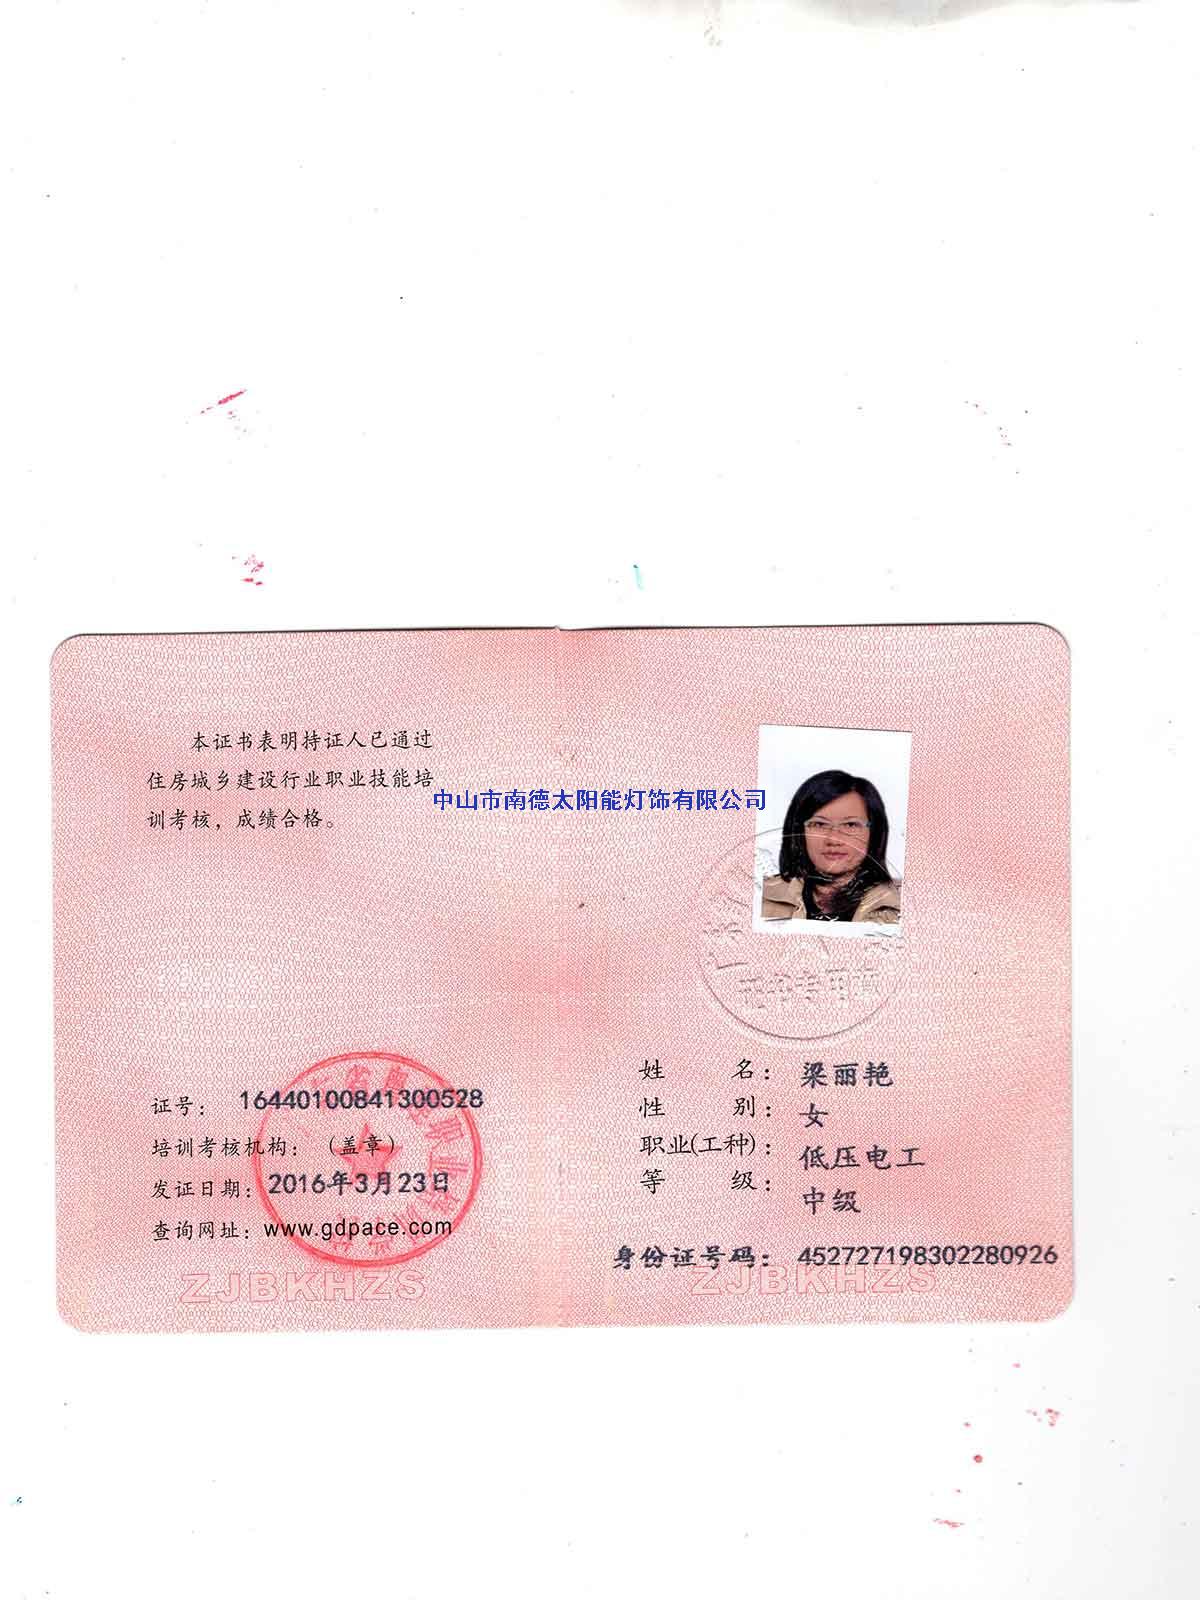 低压电工证-梁丽艳